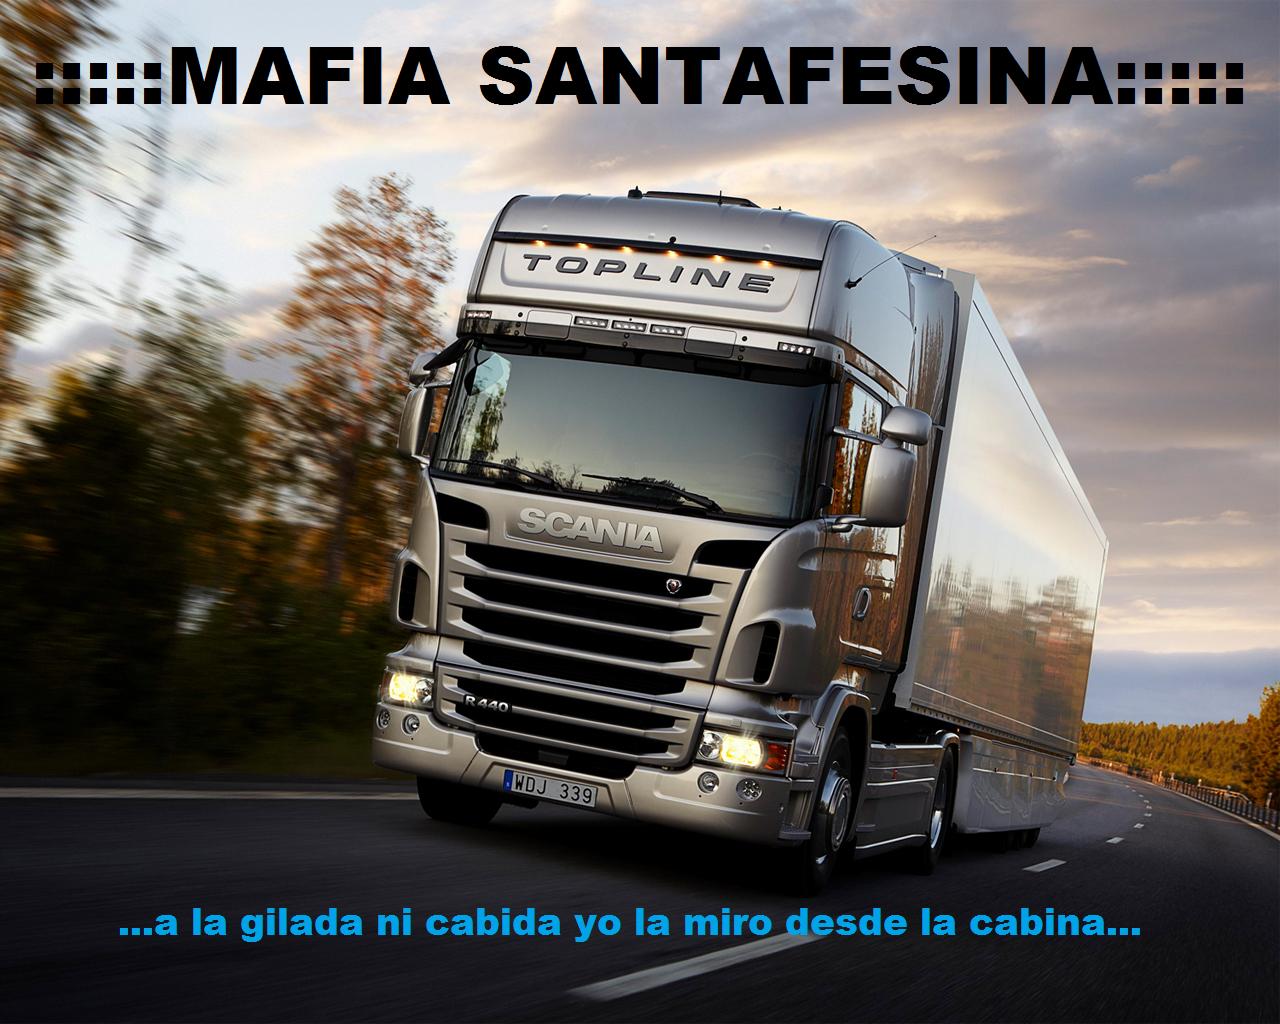 ::::: Mafia Santafesina :::::